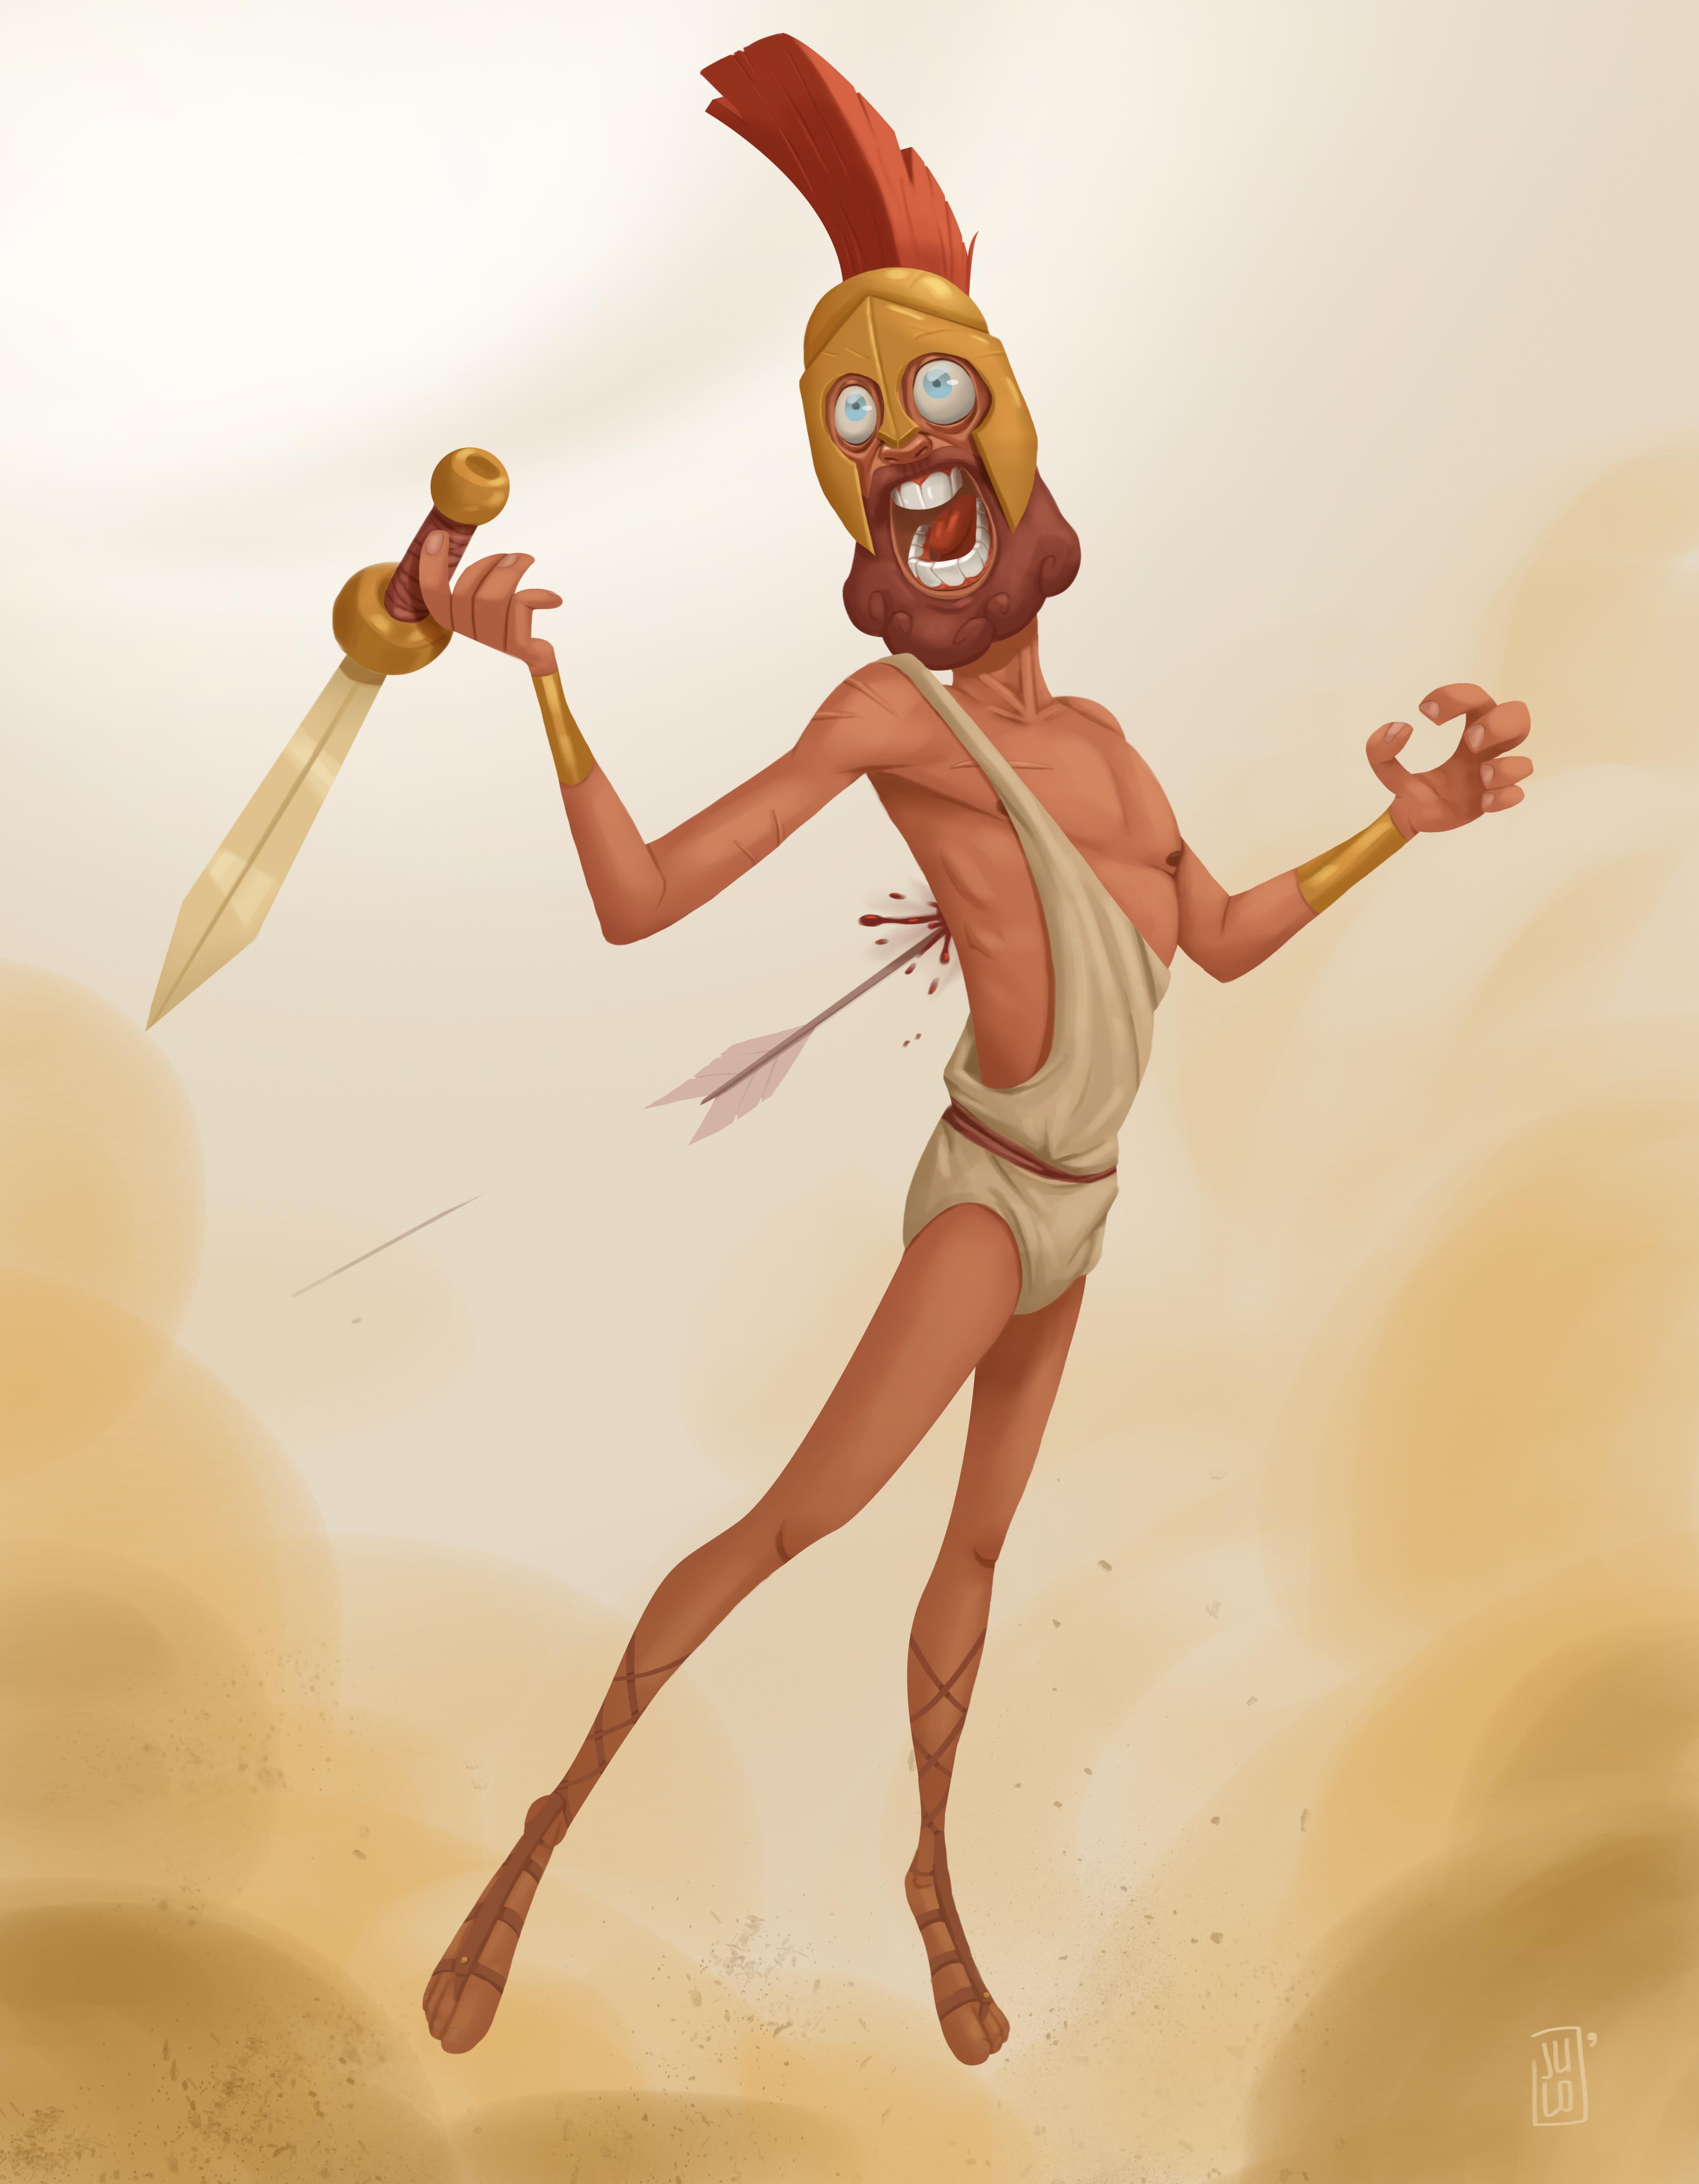 The fallen spartan